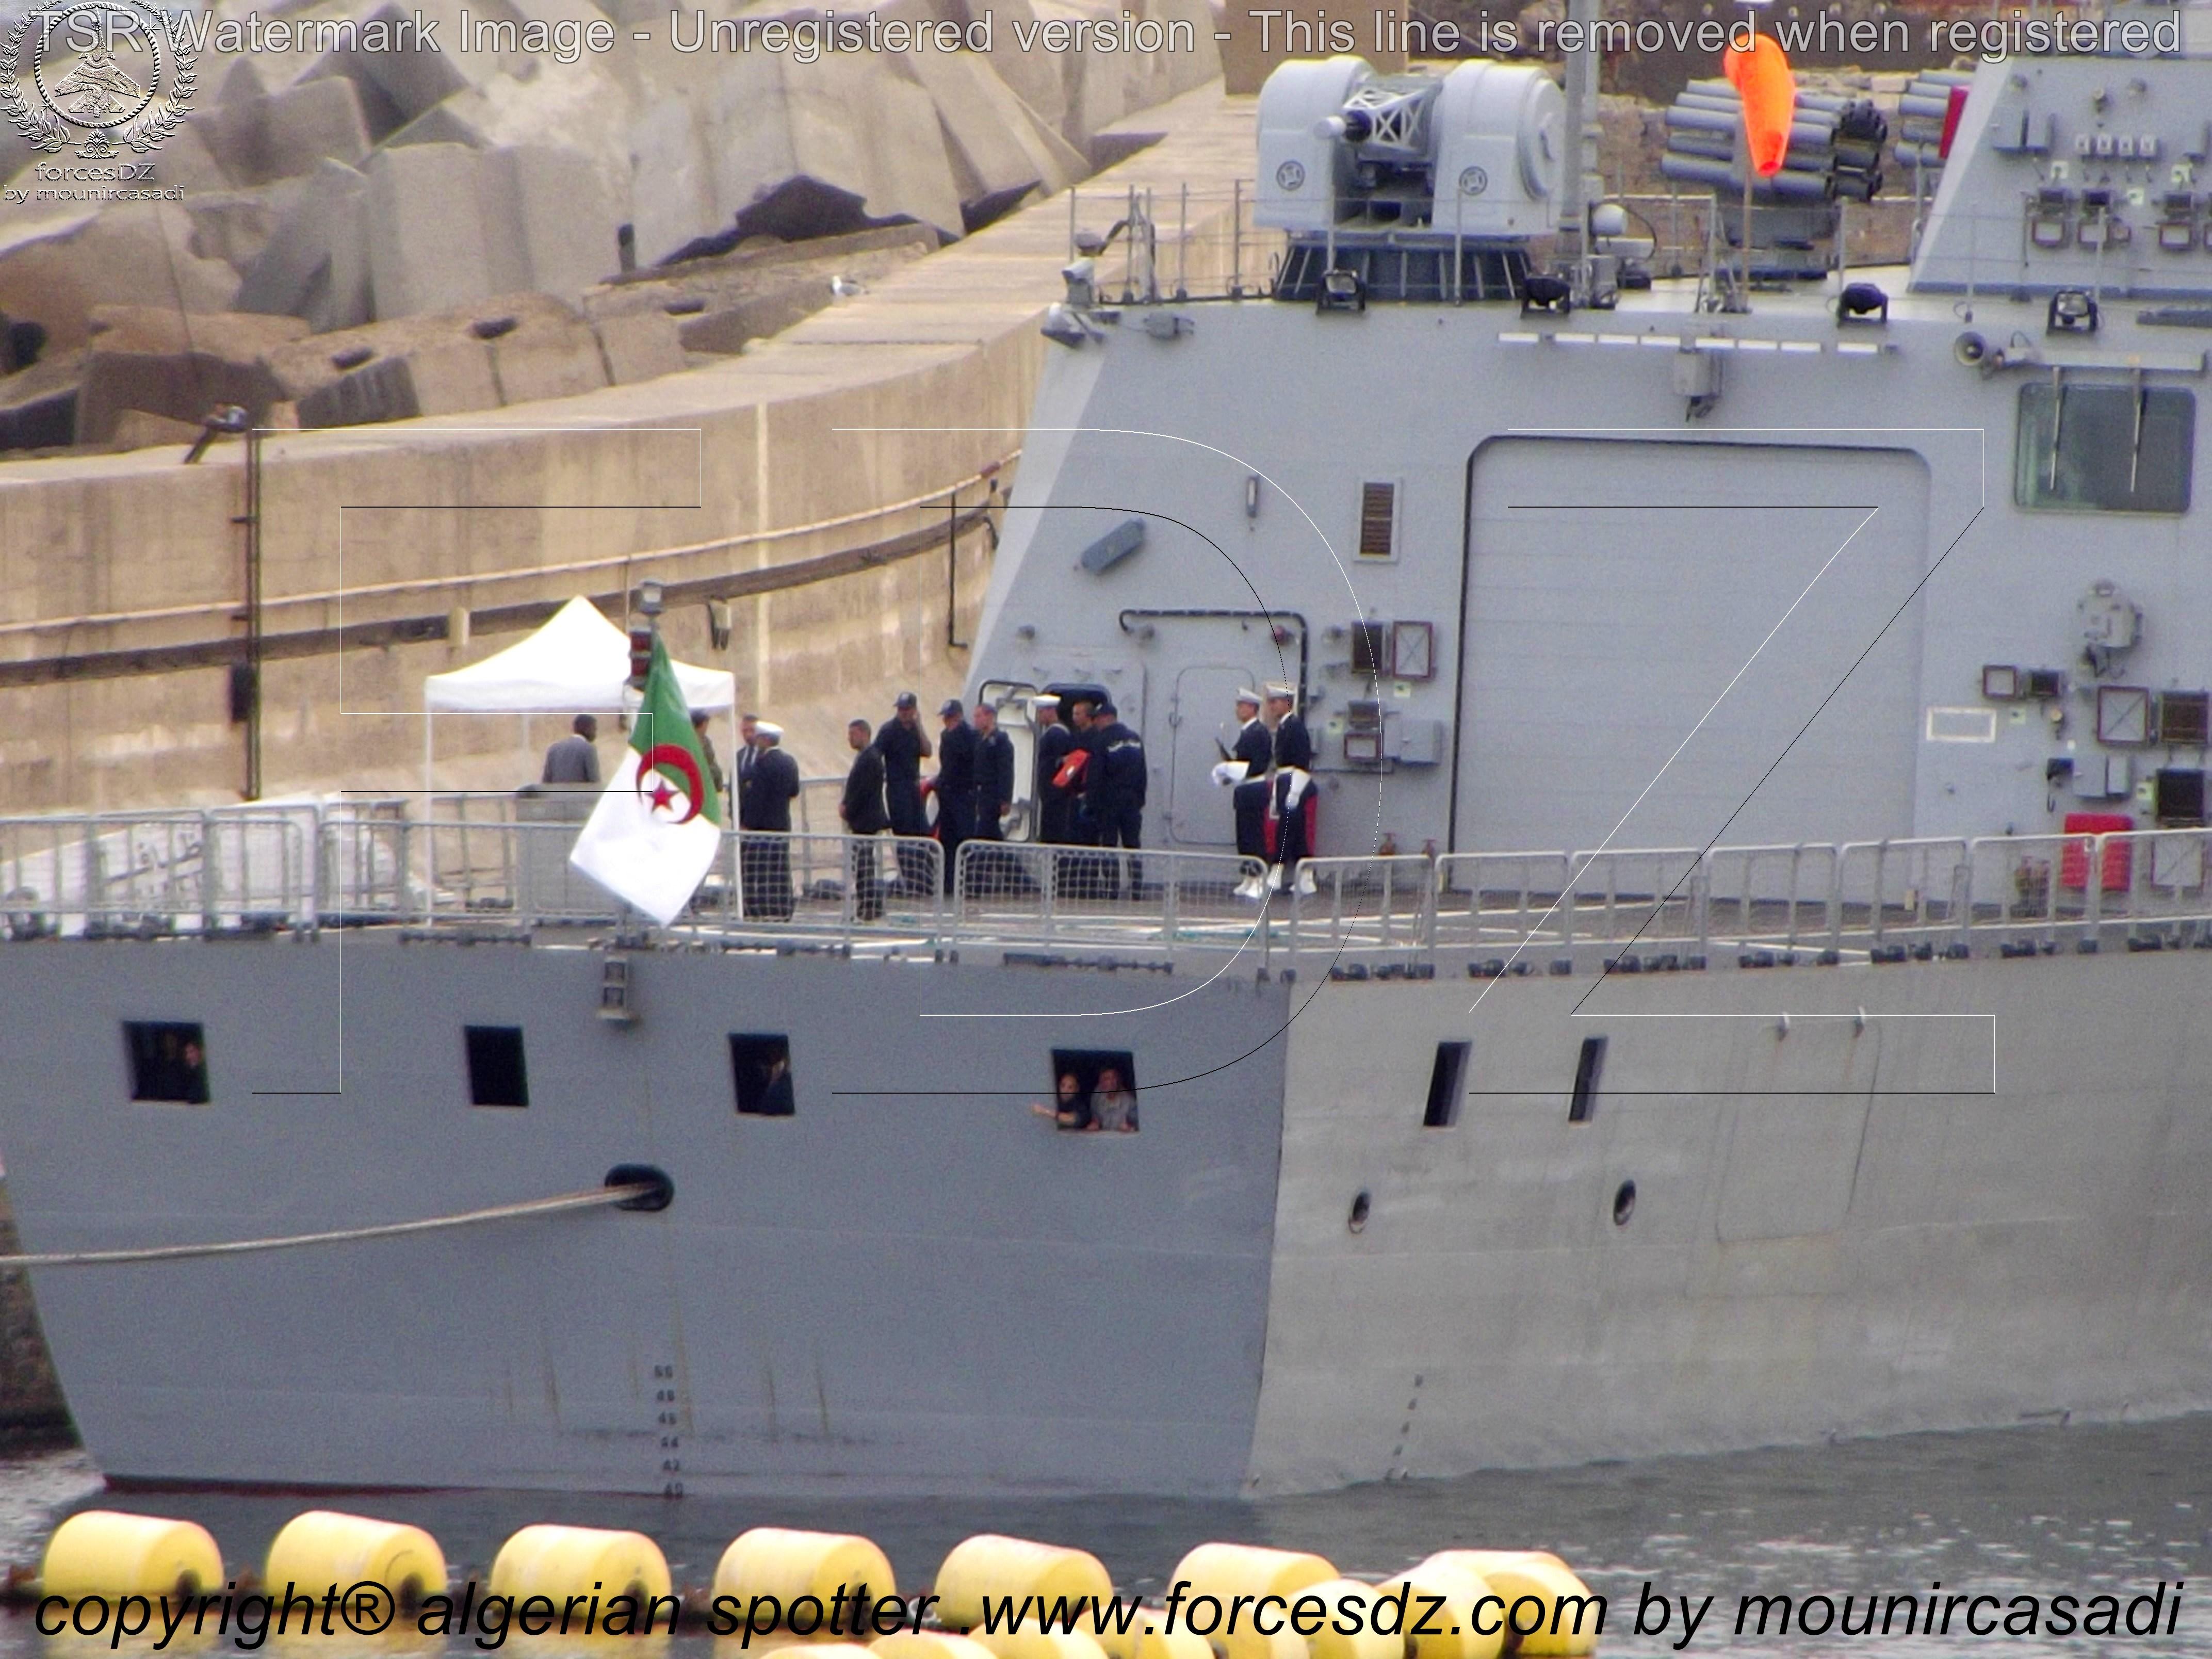 ورشة صناعة السفن CSSC تنزل للماء أولى فرقاطات C28A الجزائرية المتعاقد عليها في 2012 - صفحة 7 1446386706-1